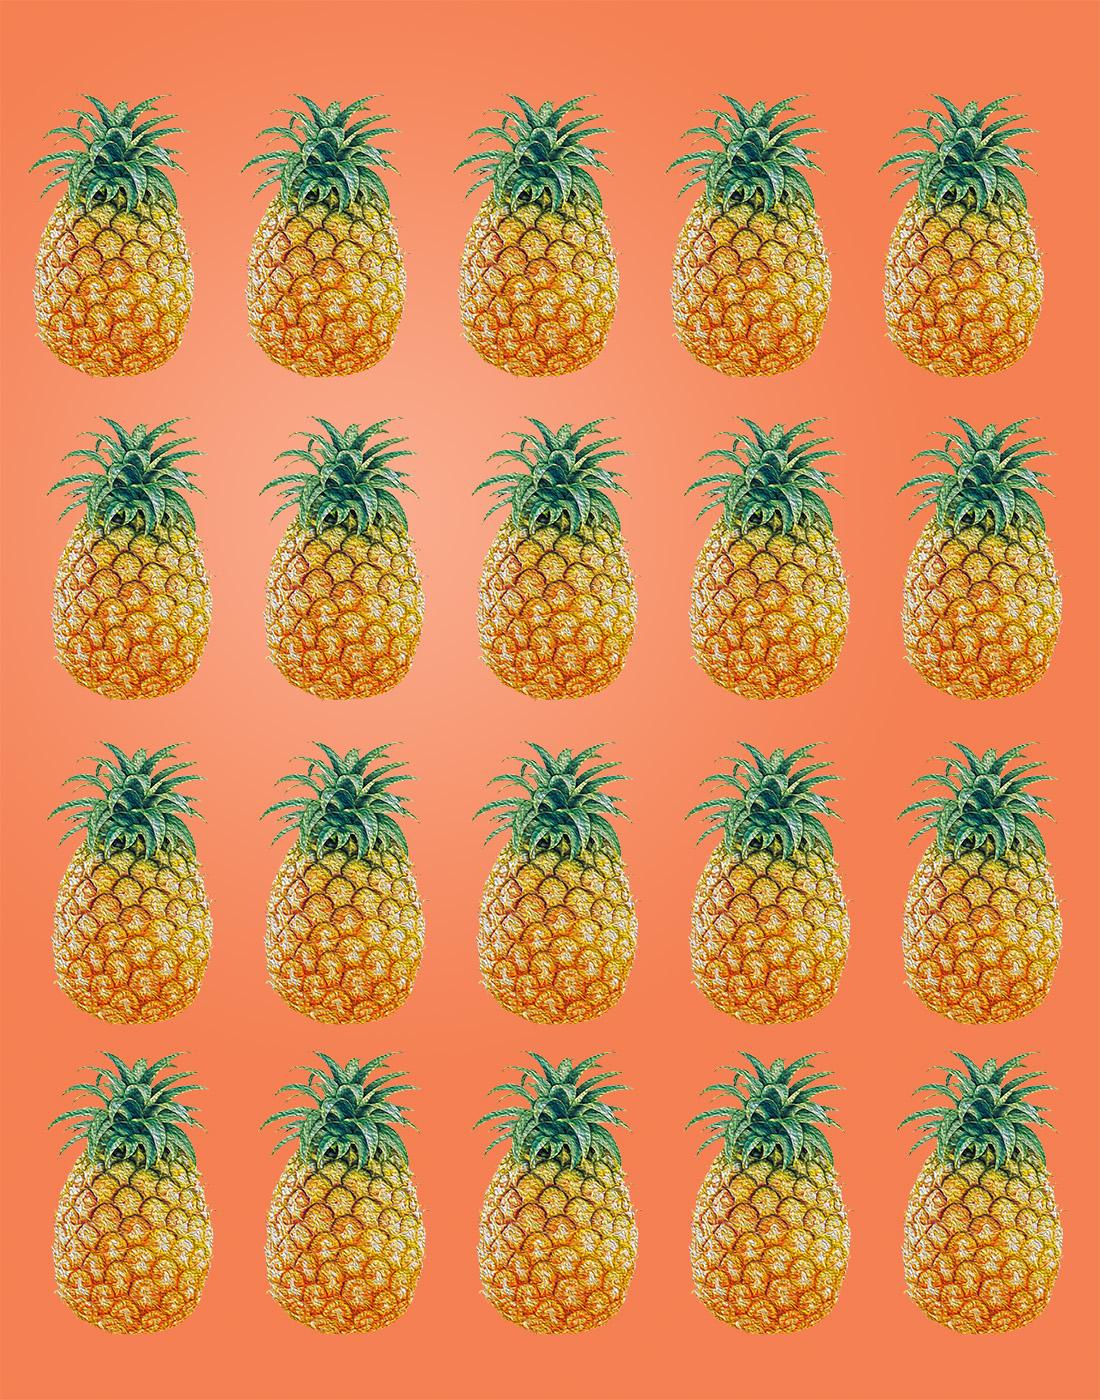 [48+] Pineapple Wallpaper Patterns on WallpaperSafari